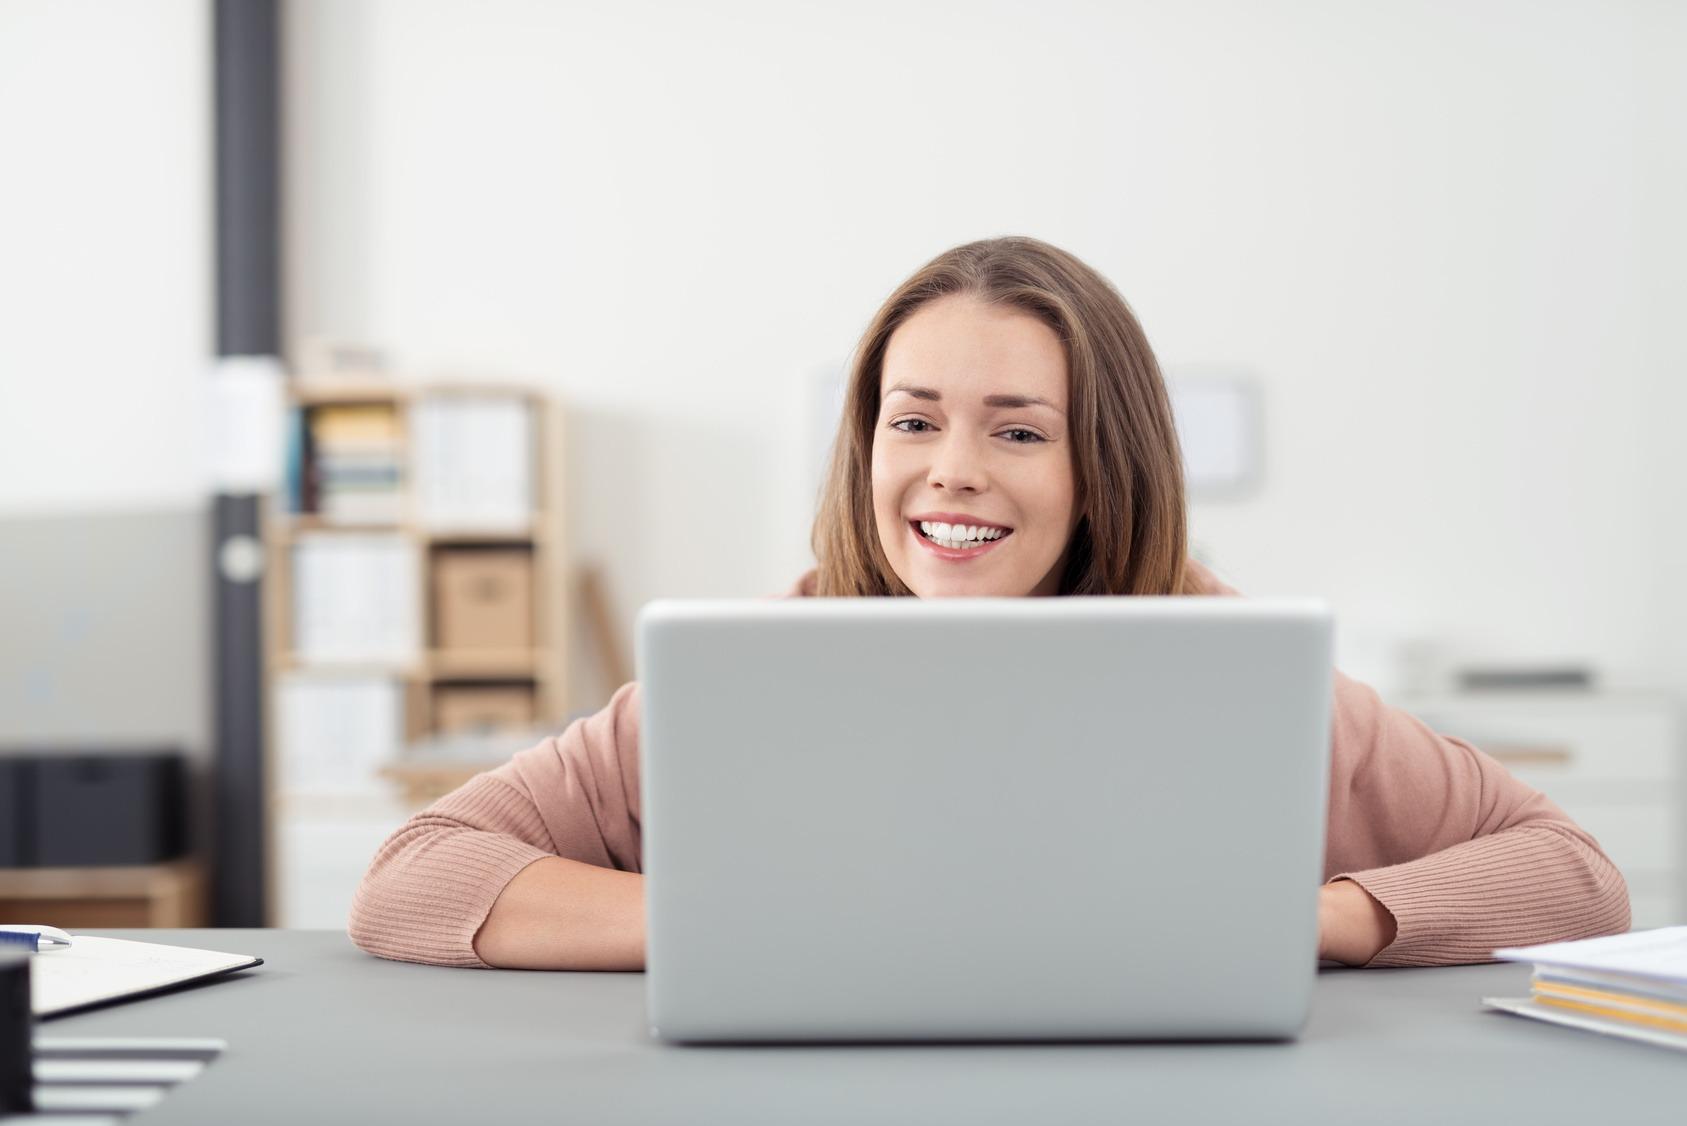 Studentin arbeitet am Notebook arbeitet am Notebook und freut sich, dass sie ihre Prokrastination besiegt hat